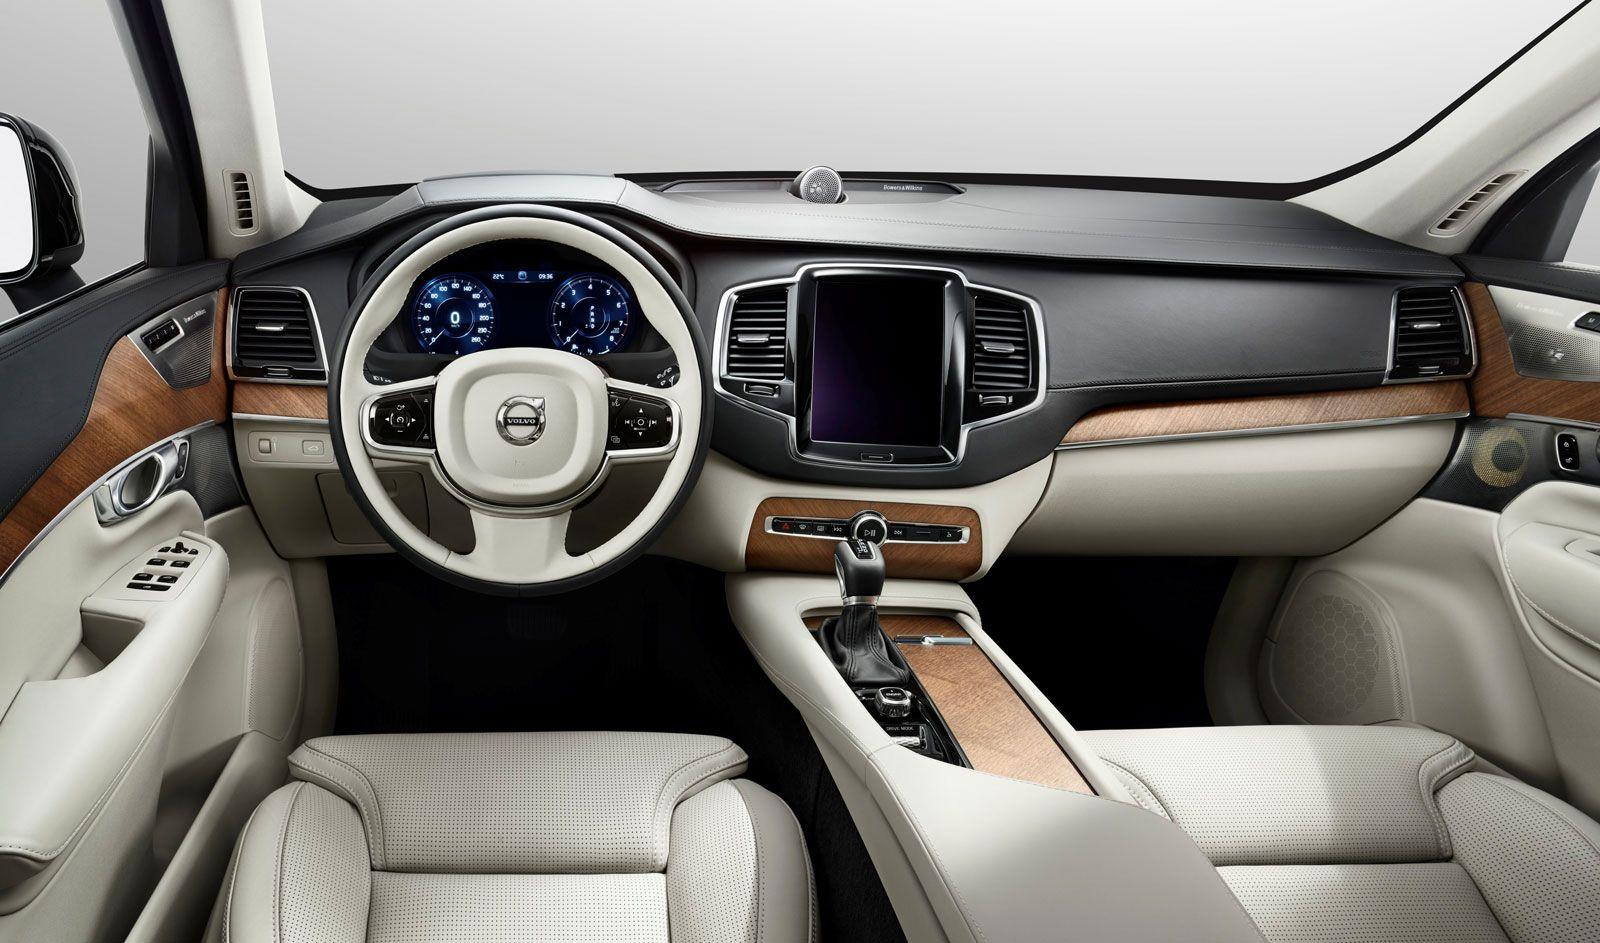 2015 Volvo Xc90 Interior Volvo Suv Volvo Xc90 Volvo Xc60